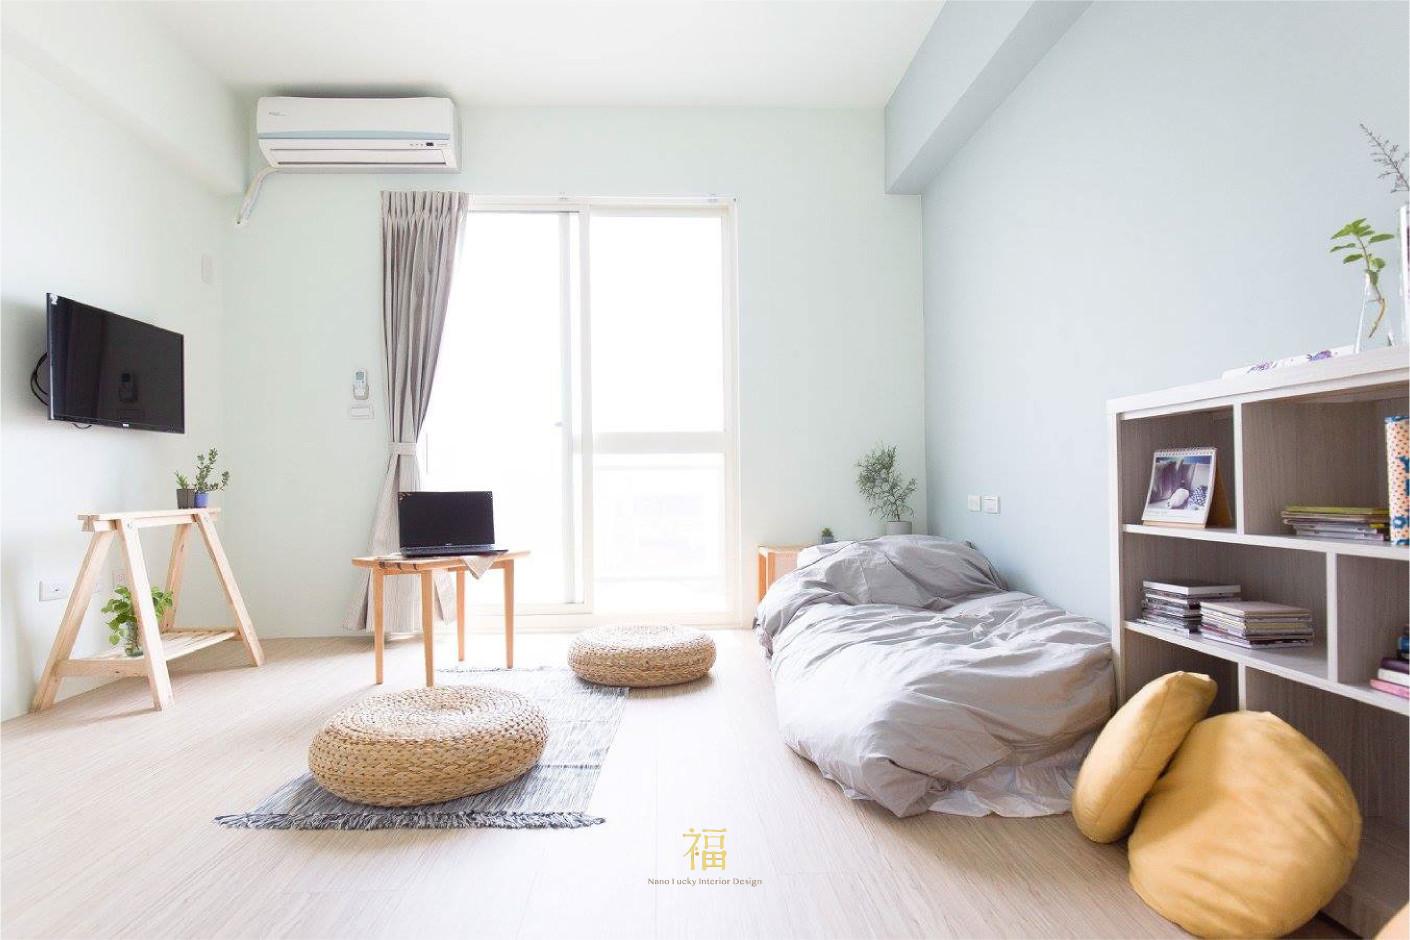 福櫻會館|民雄學生宿舍房間|嘉義宿舍空間設計